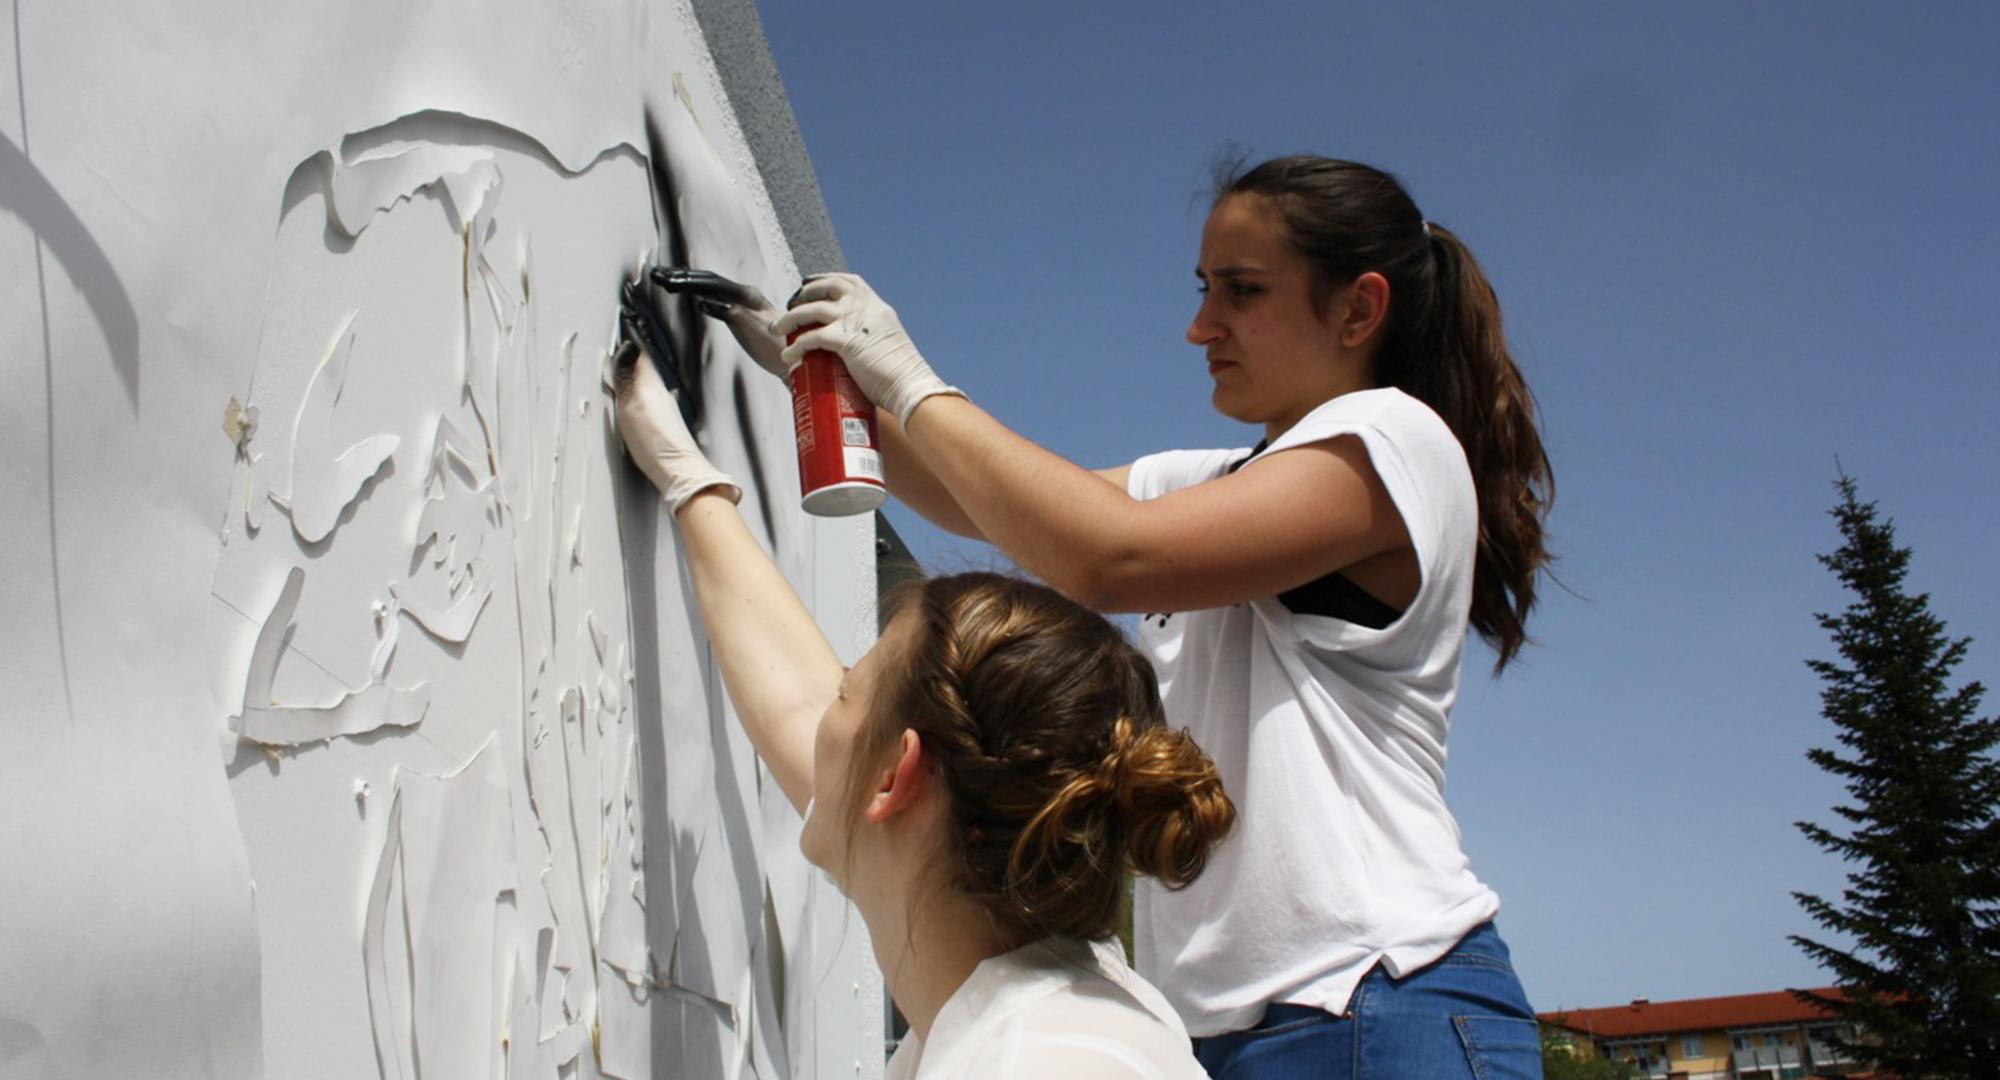 Detailaufnahme der schülerinnen beim Sprayen der Kunstwerke an die Rothmoser Trafohäuser